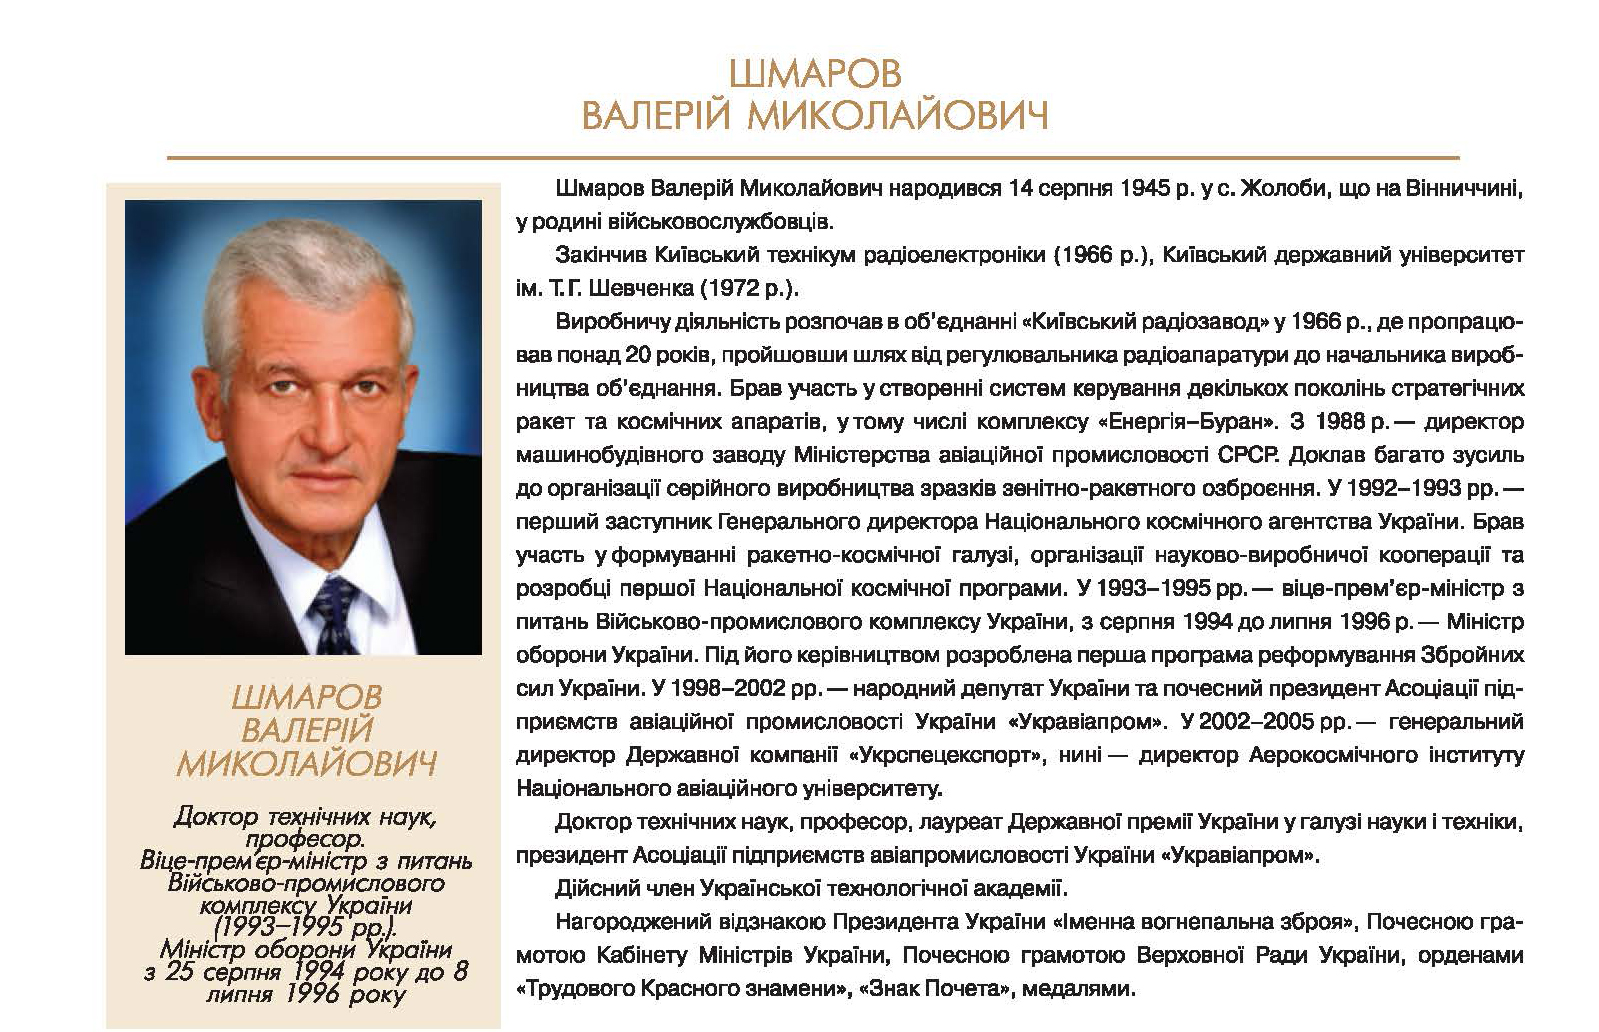 Шмаров Валерій Миколайович